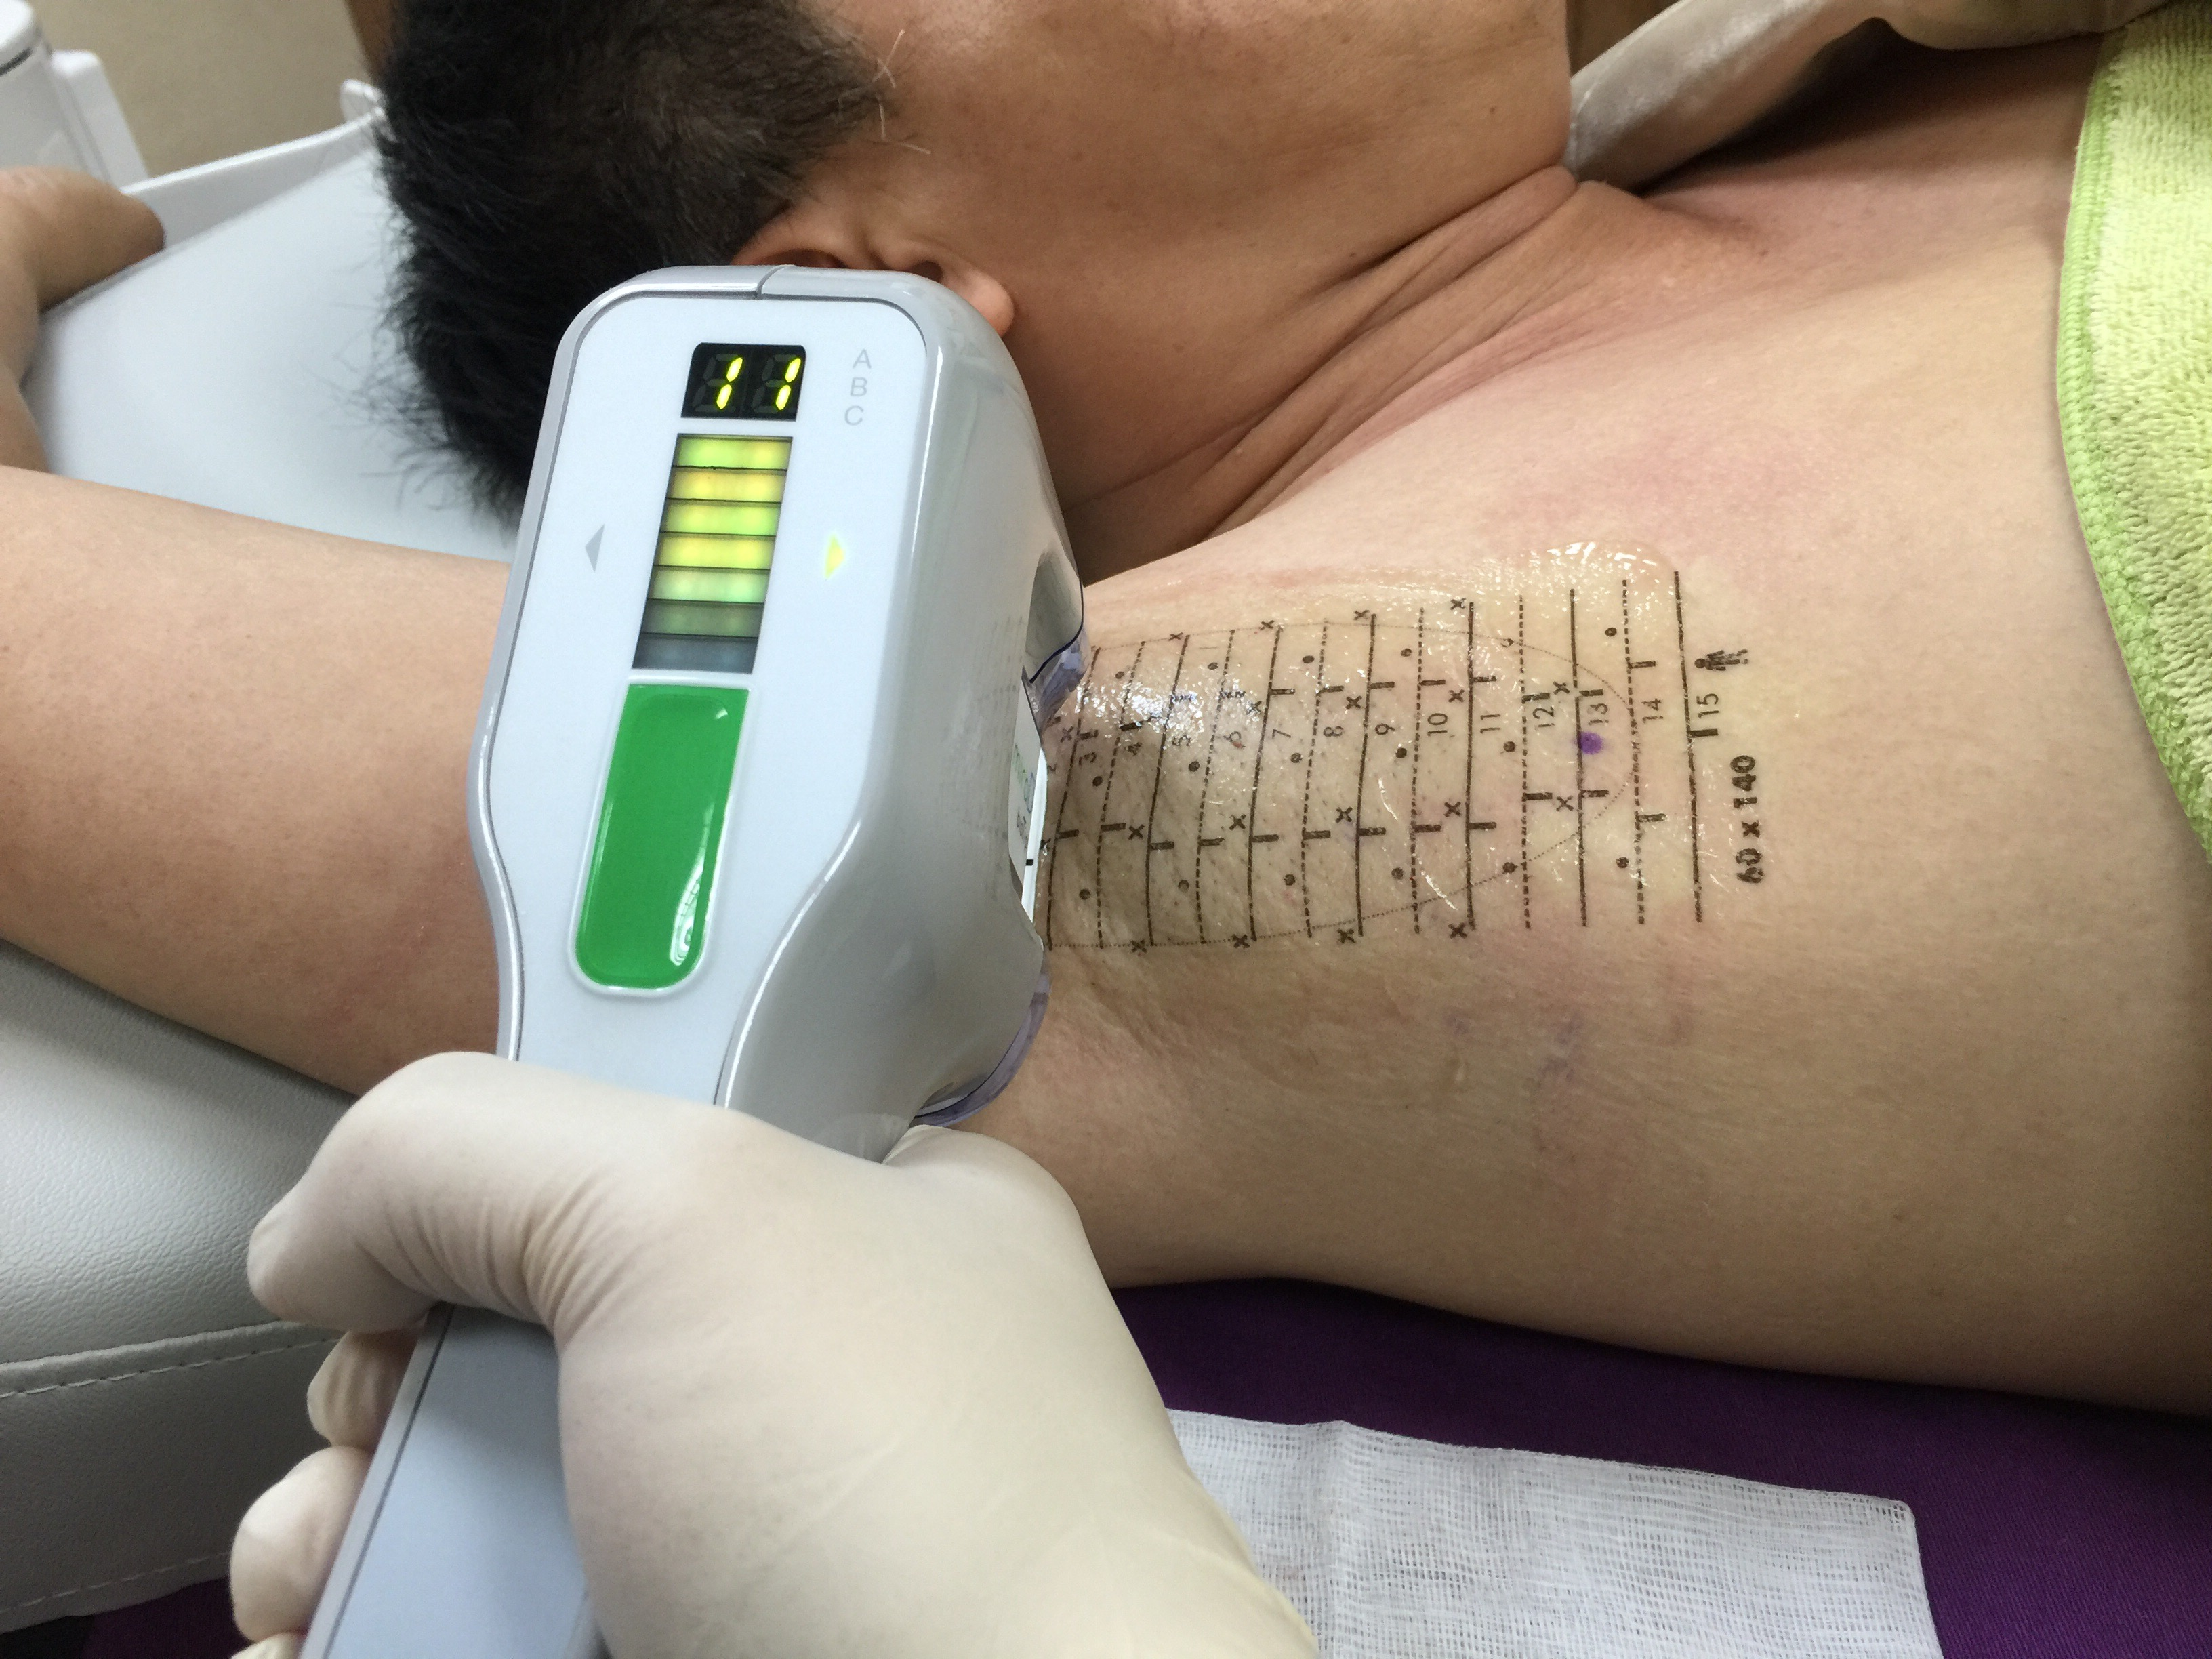 狐臭與油耳 – 黃耀立 皮膚美容外科與植髮醫師 Dr Henry Huang